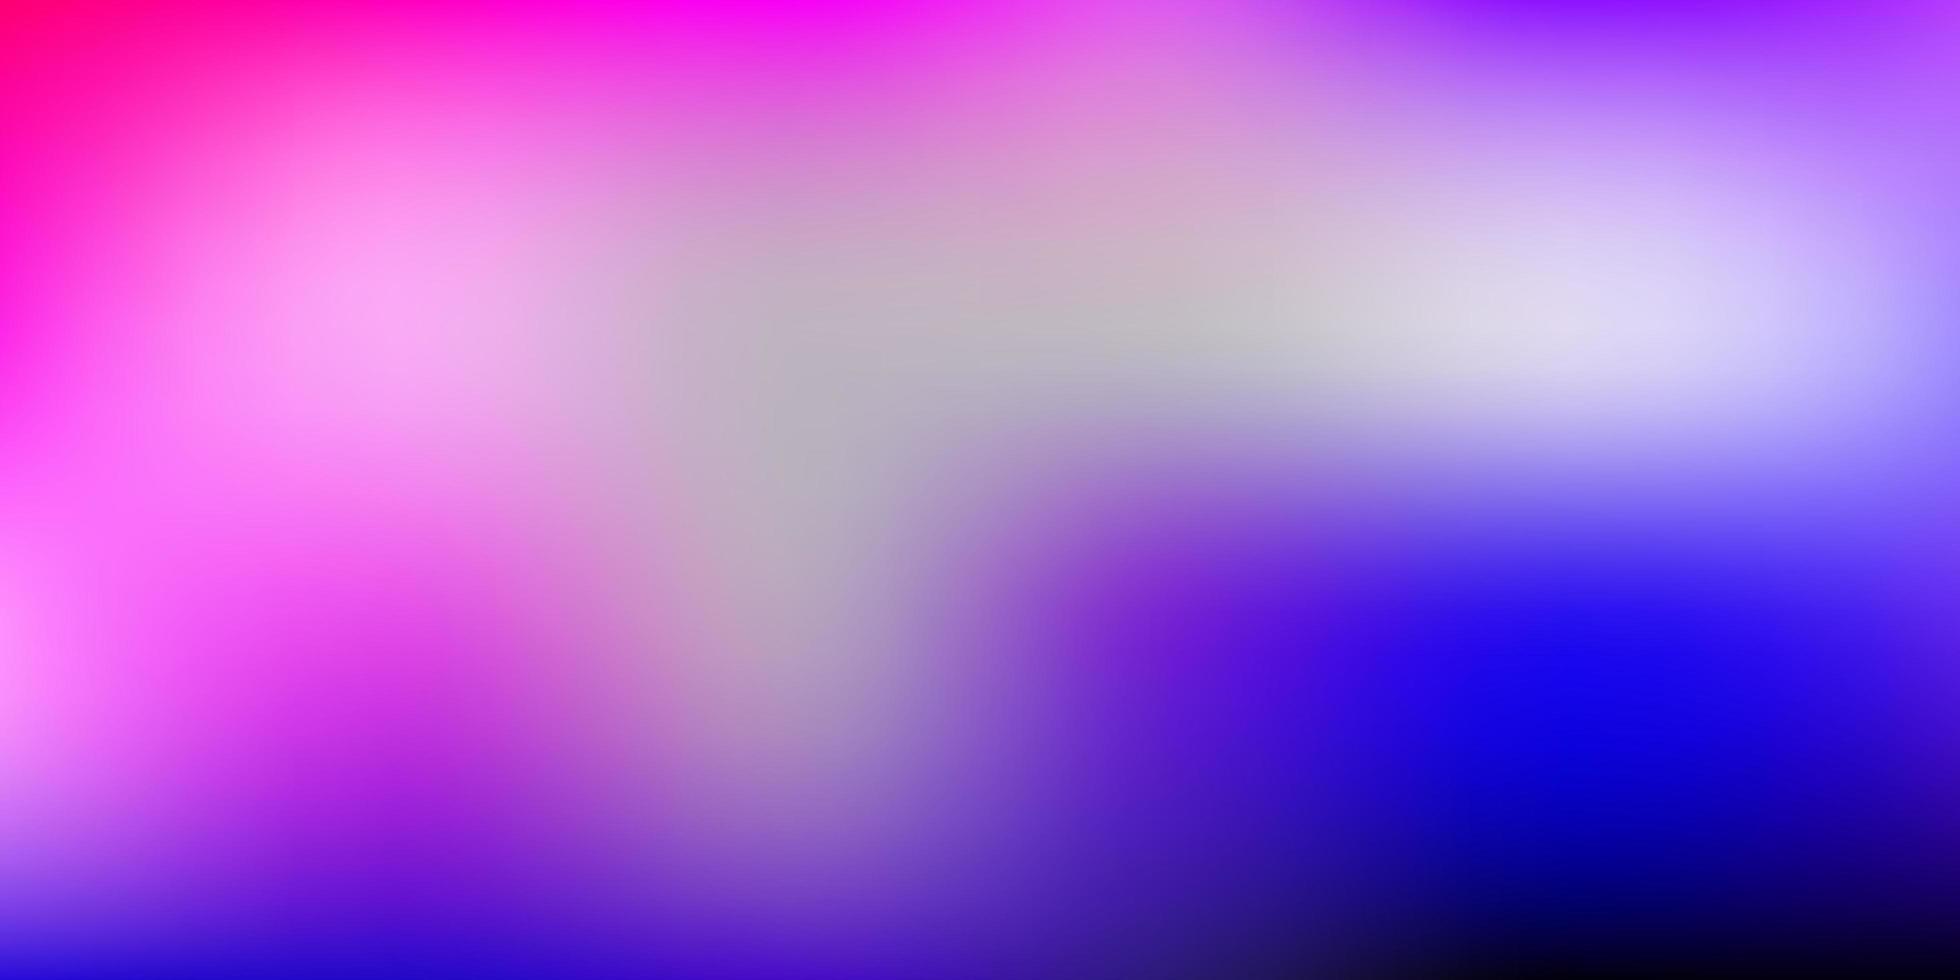 modello di sfocatura gradiente vettoriale viola chiaro, rosa.